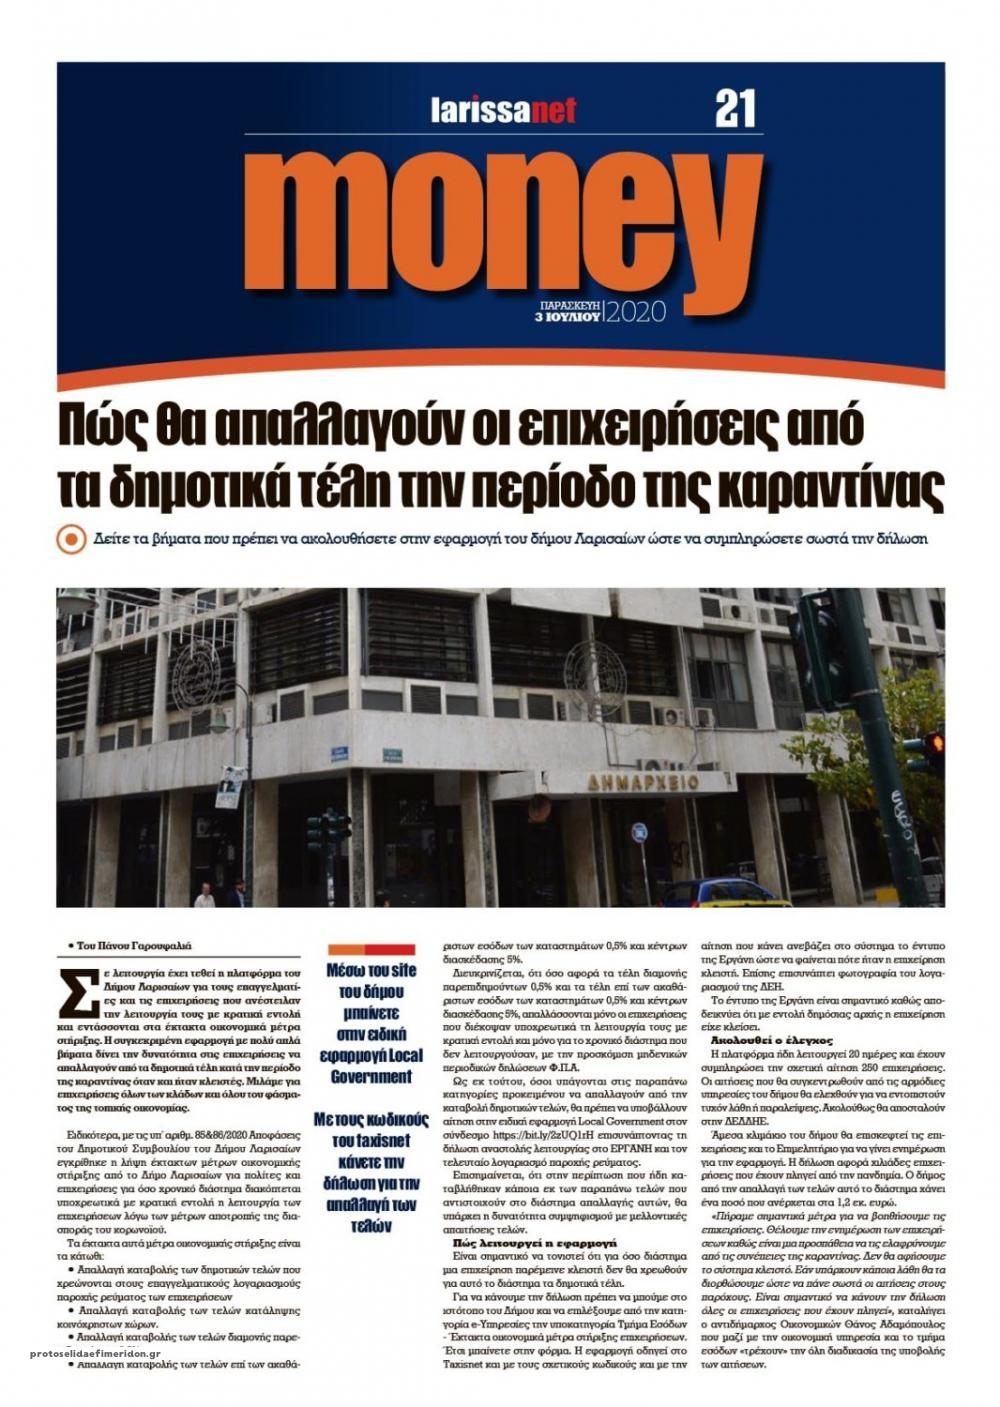 Οπισθόφυλλο εφημερίδας Larissanet